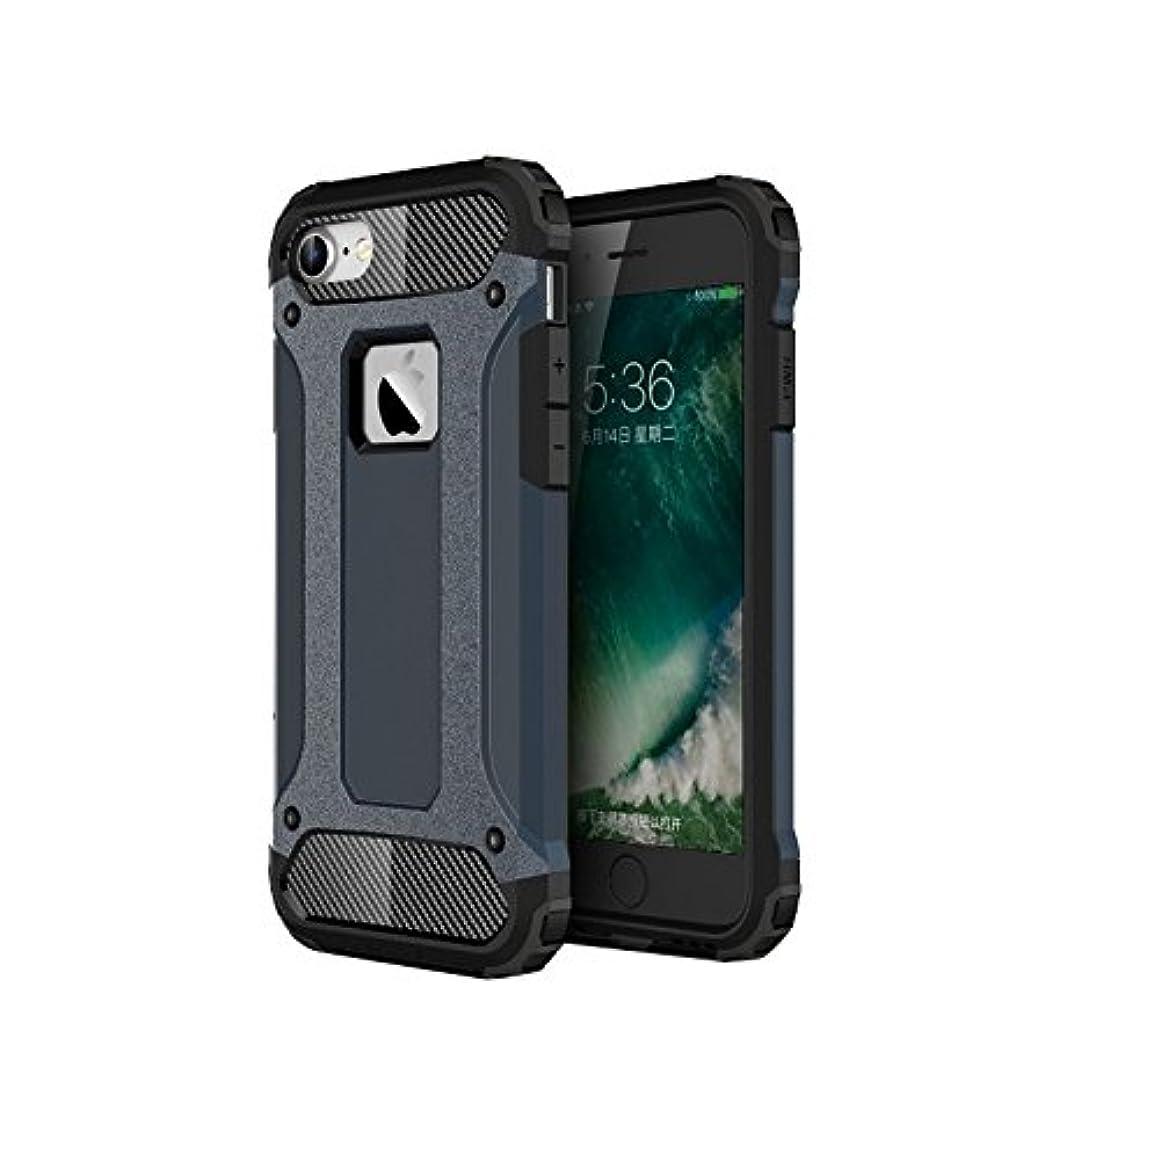 つぶす何十人も手入れiPhone 6s Plus / 6 Plus ケース ハード ハイブリッド TPU + ポリカーボネート 二重構造 耐衝撃 防塵フタ付き 軽量 薄型 (ネイビー)